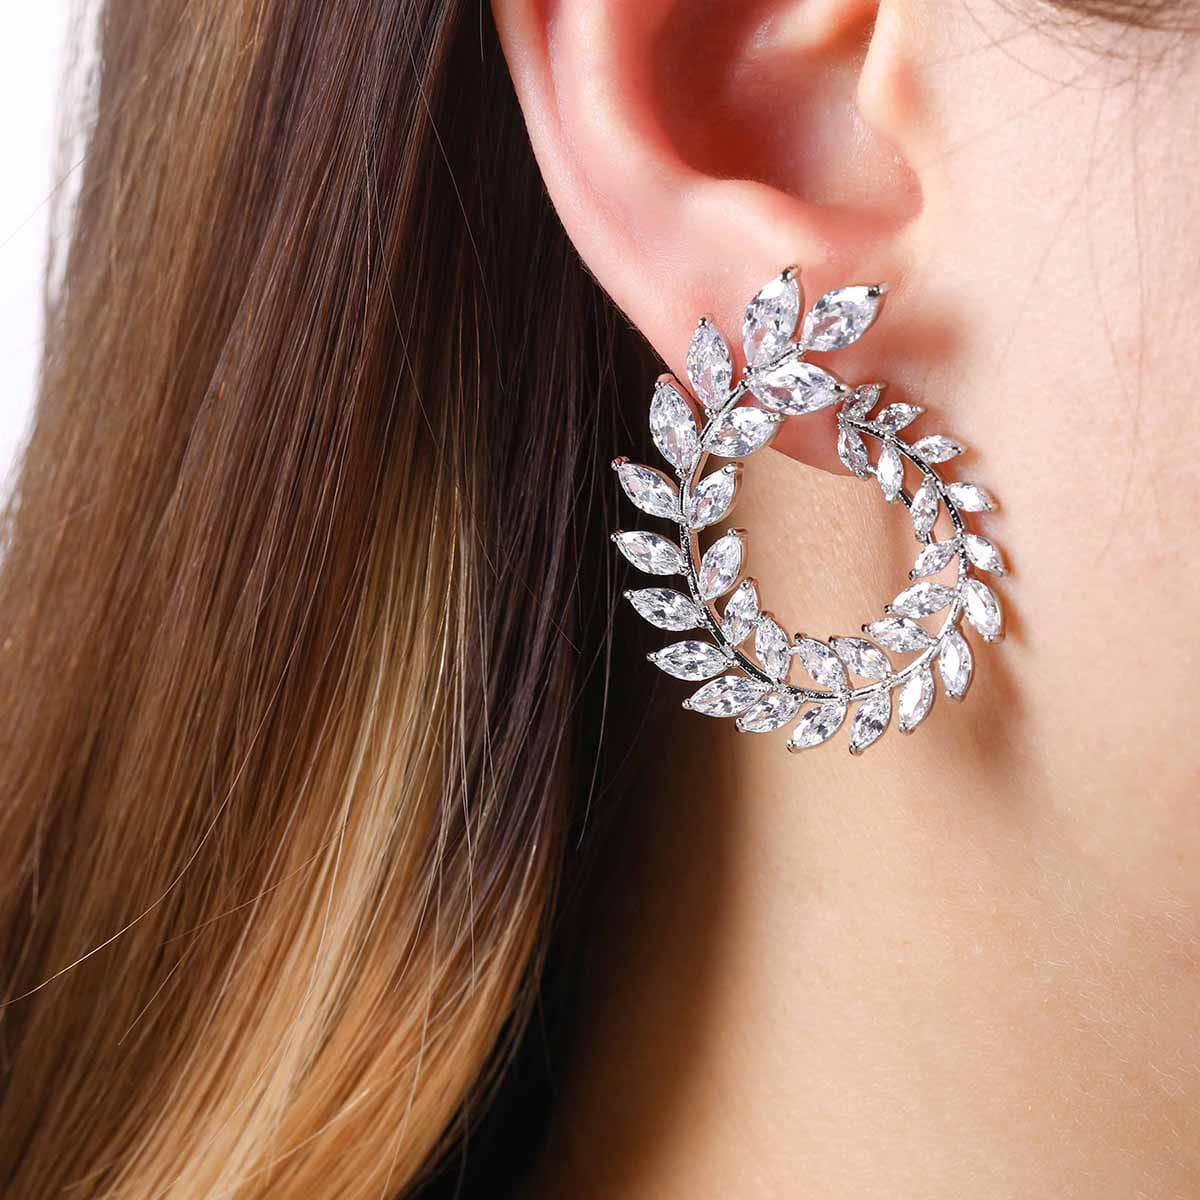 Zircon Decor Leaf Design Stud Earrings